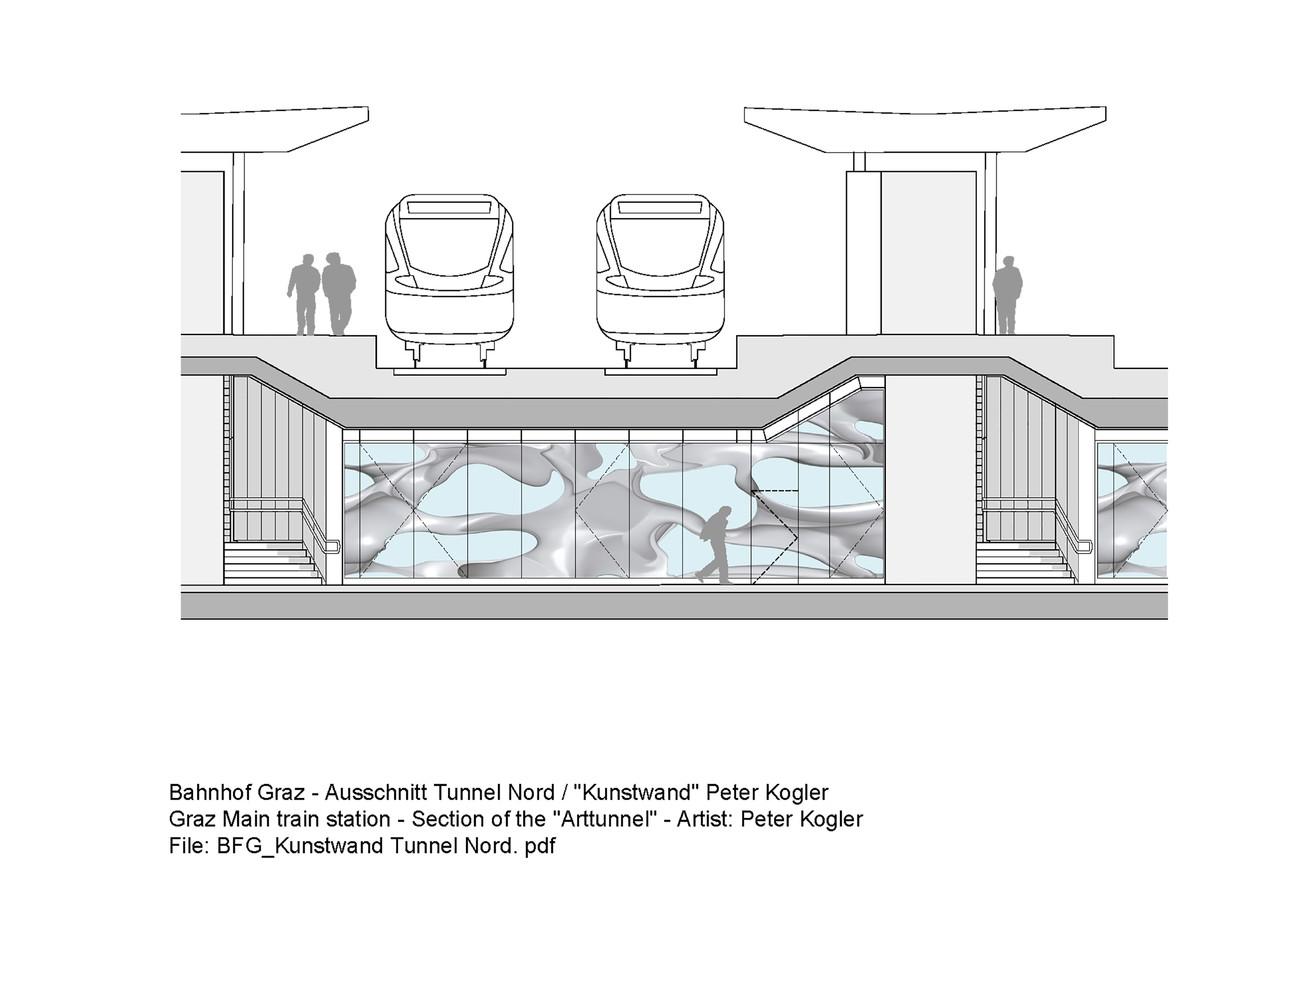 План-чертёж железнодорожного вокзала - Фото 5